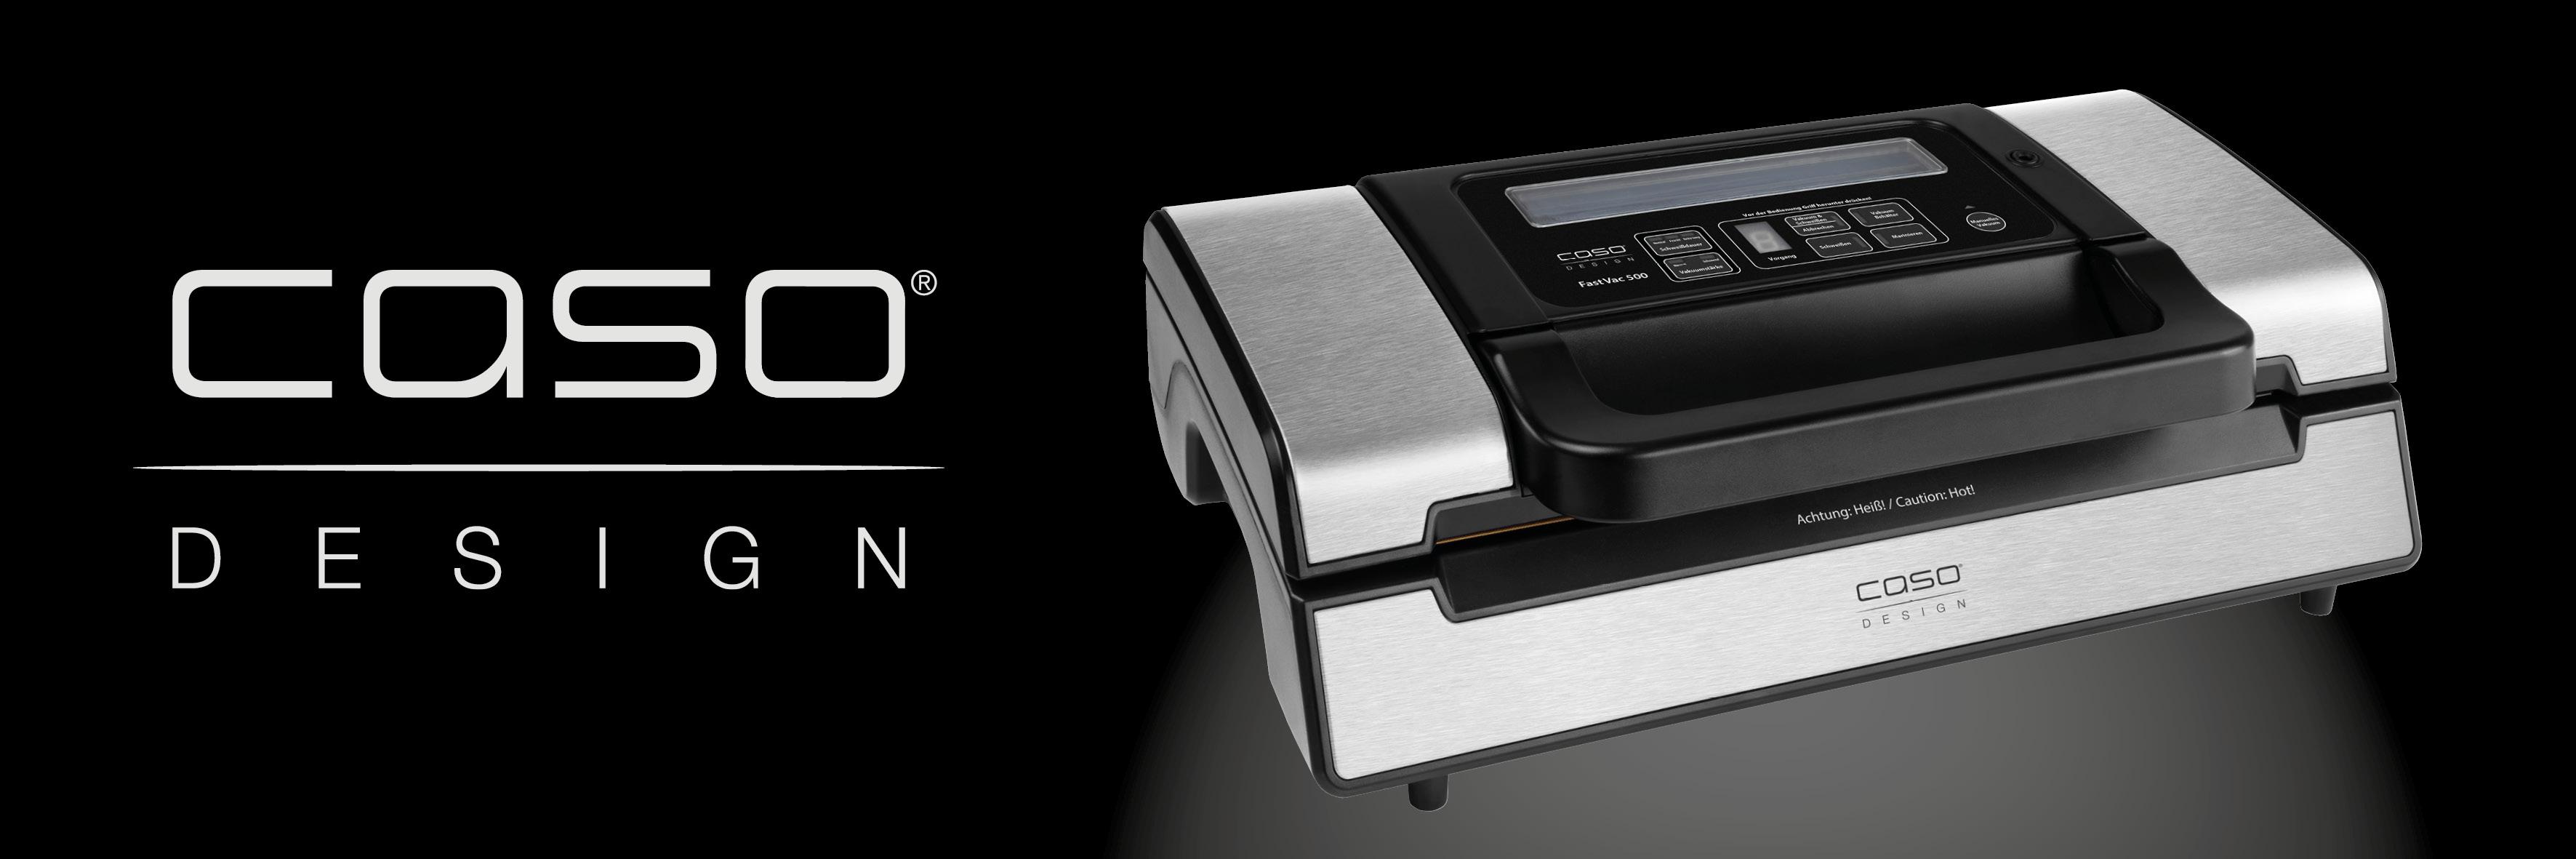 Caso-Germany bbqpit-Banner CASO 300x100mm-BBQPit.de das Grill- und BBQ-Magazin – Grillblog & Grillrezepte